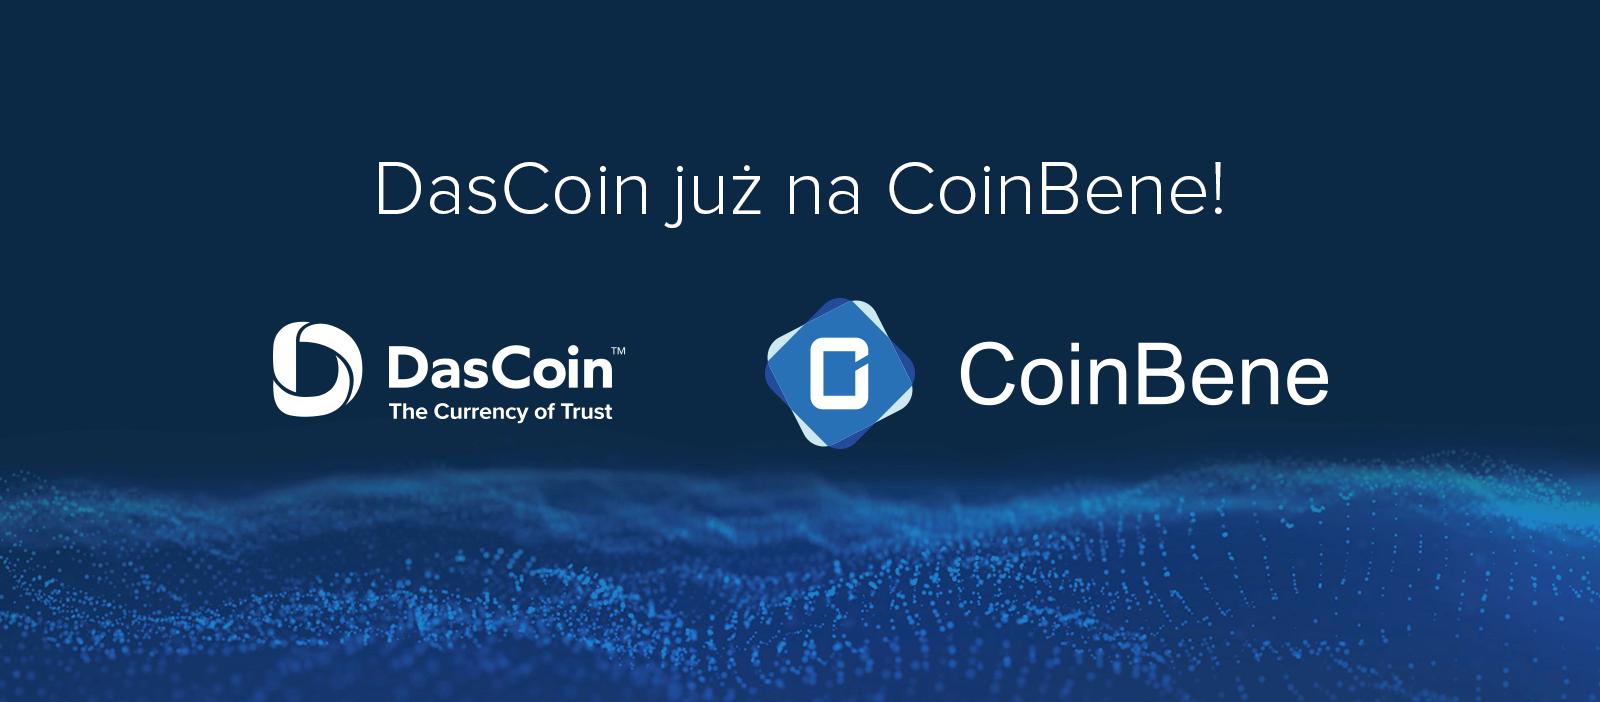 DasCoin debiutuje na CoinBene – jednej z największych giełd azjatyckich